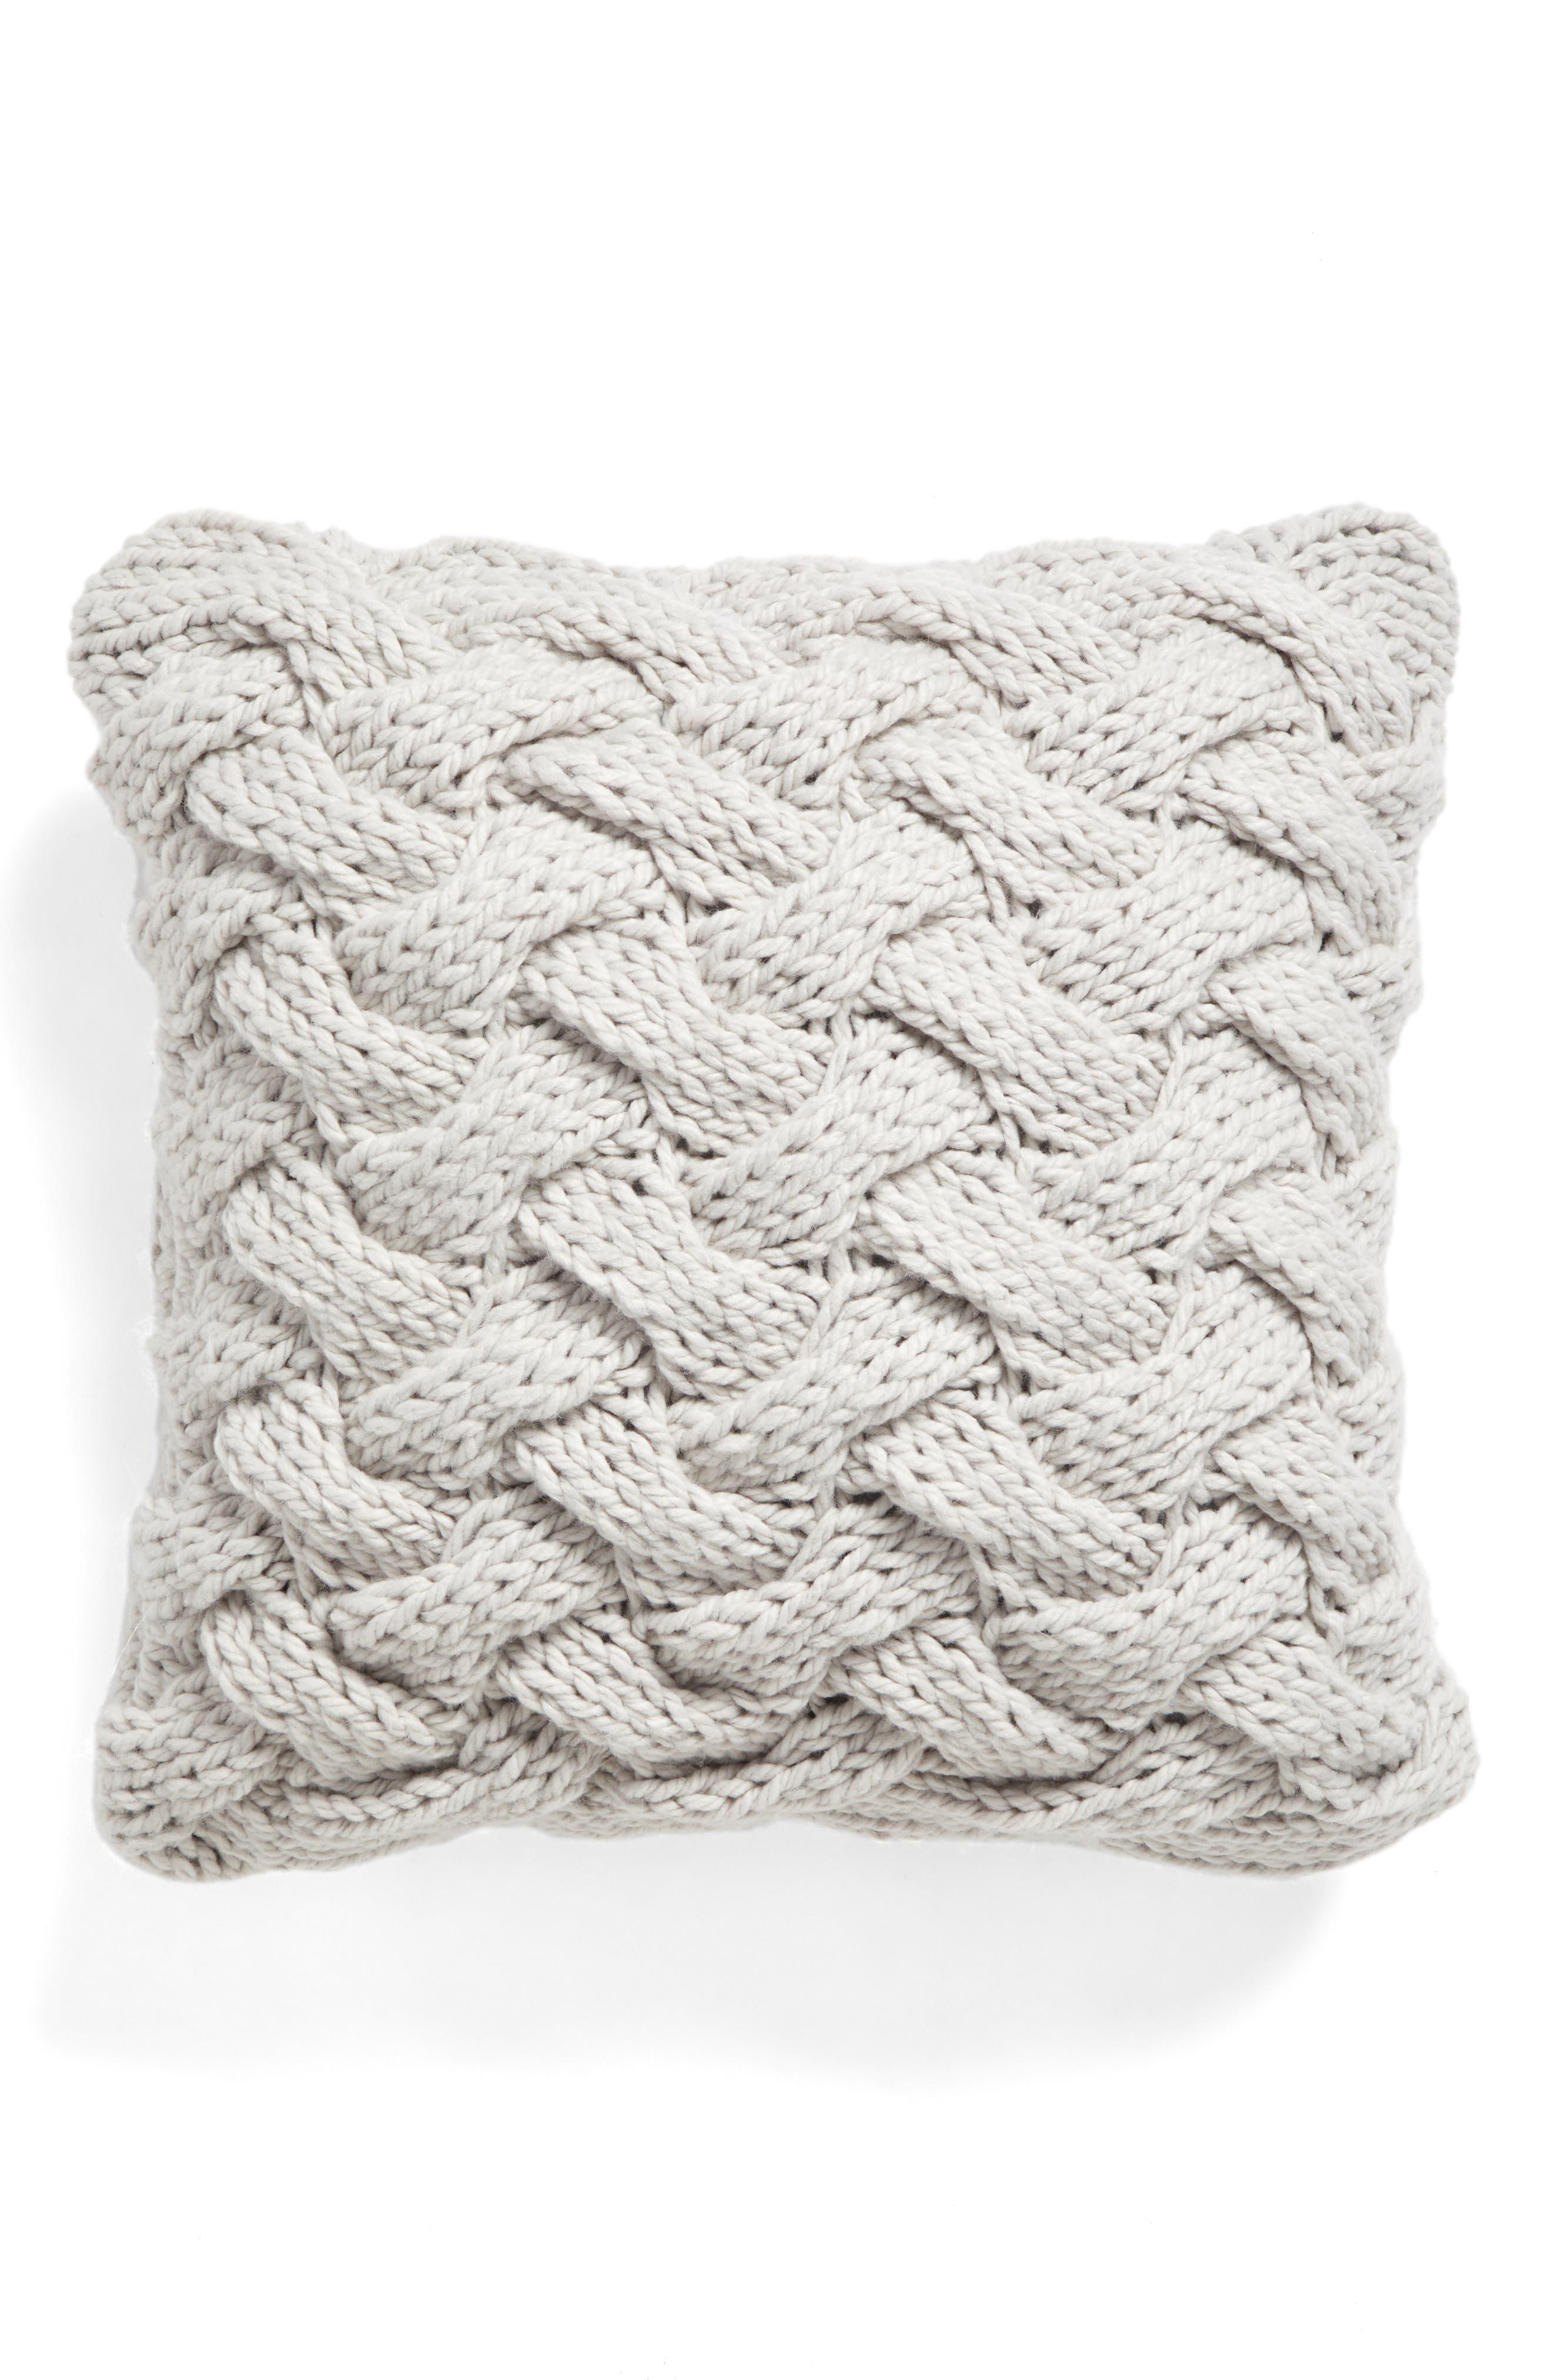 Basket Weave Accent Pillow, Main, color, 020